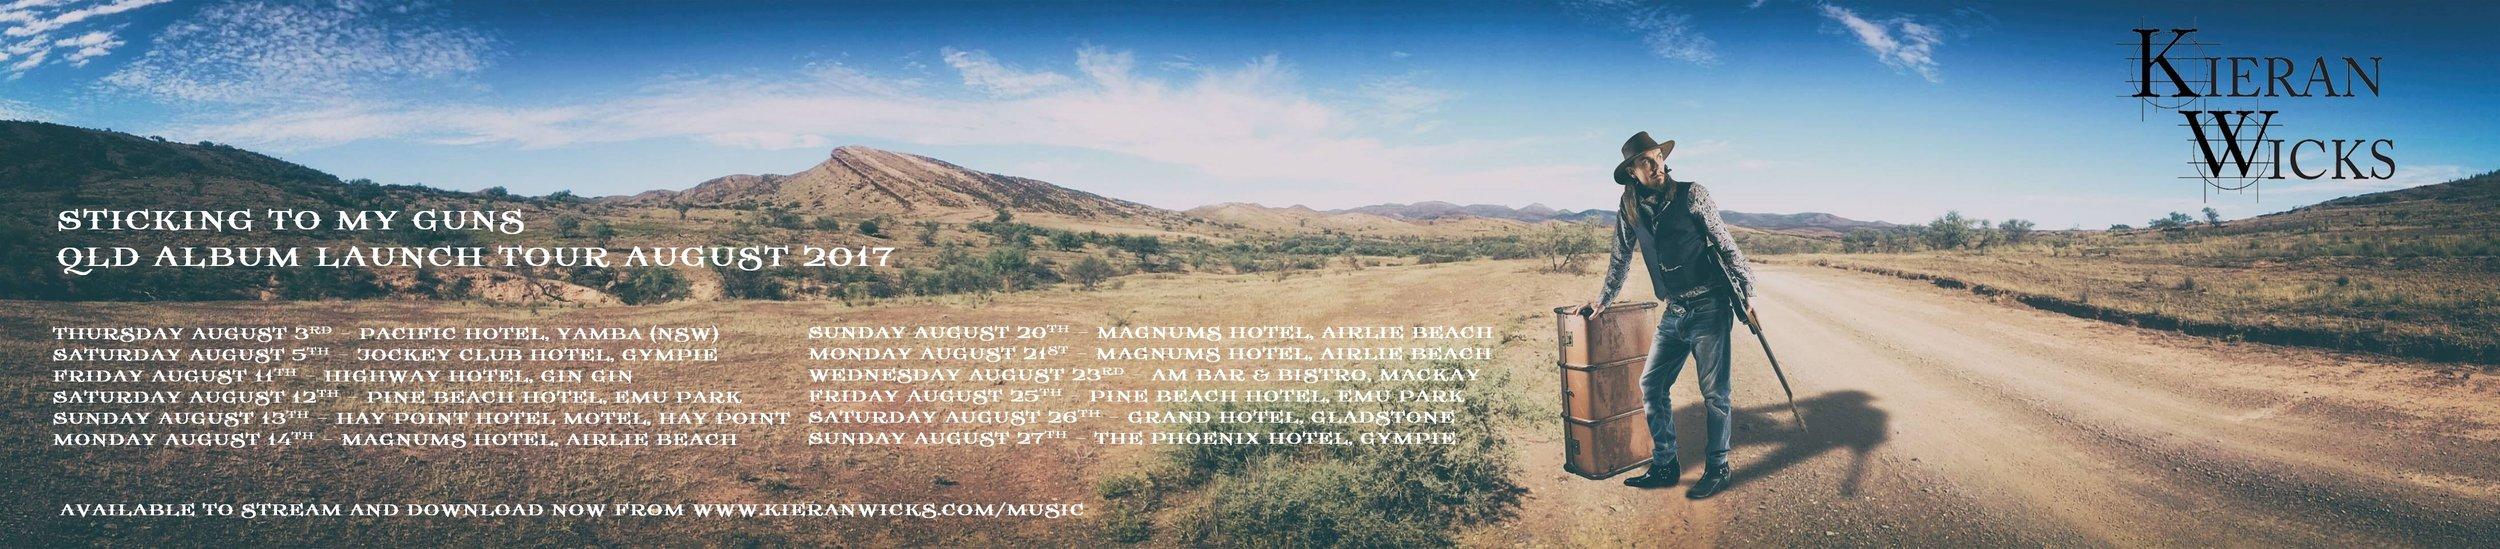 Queensland Album Launch Tour